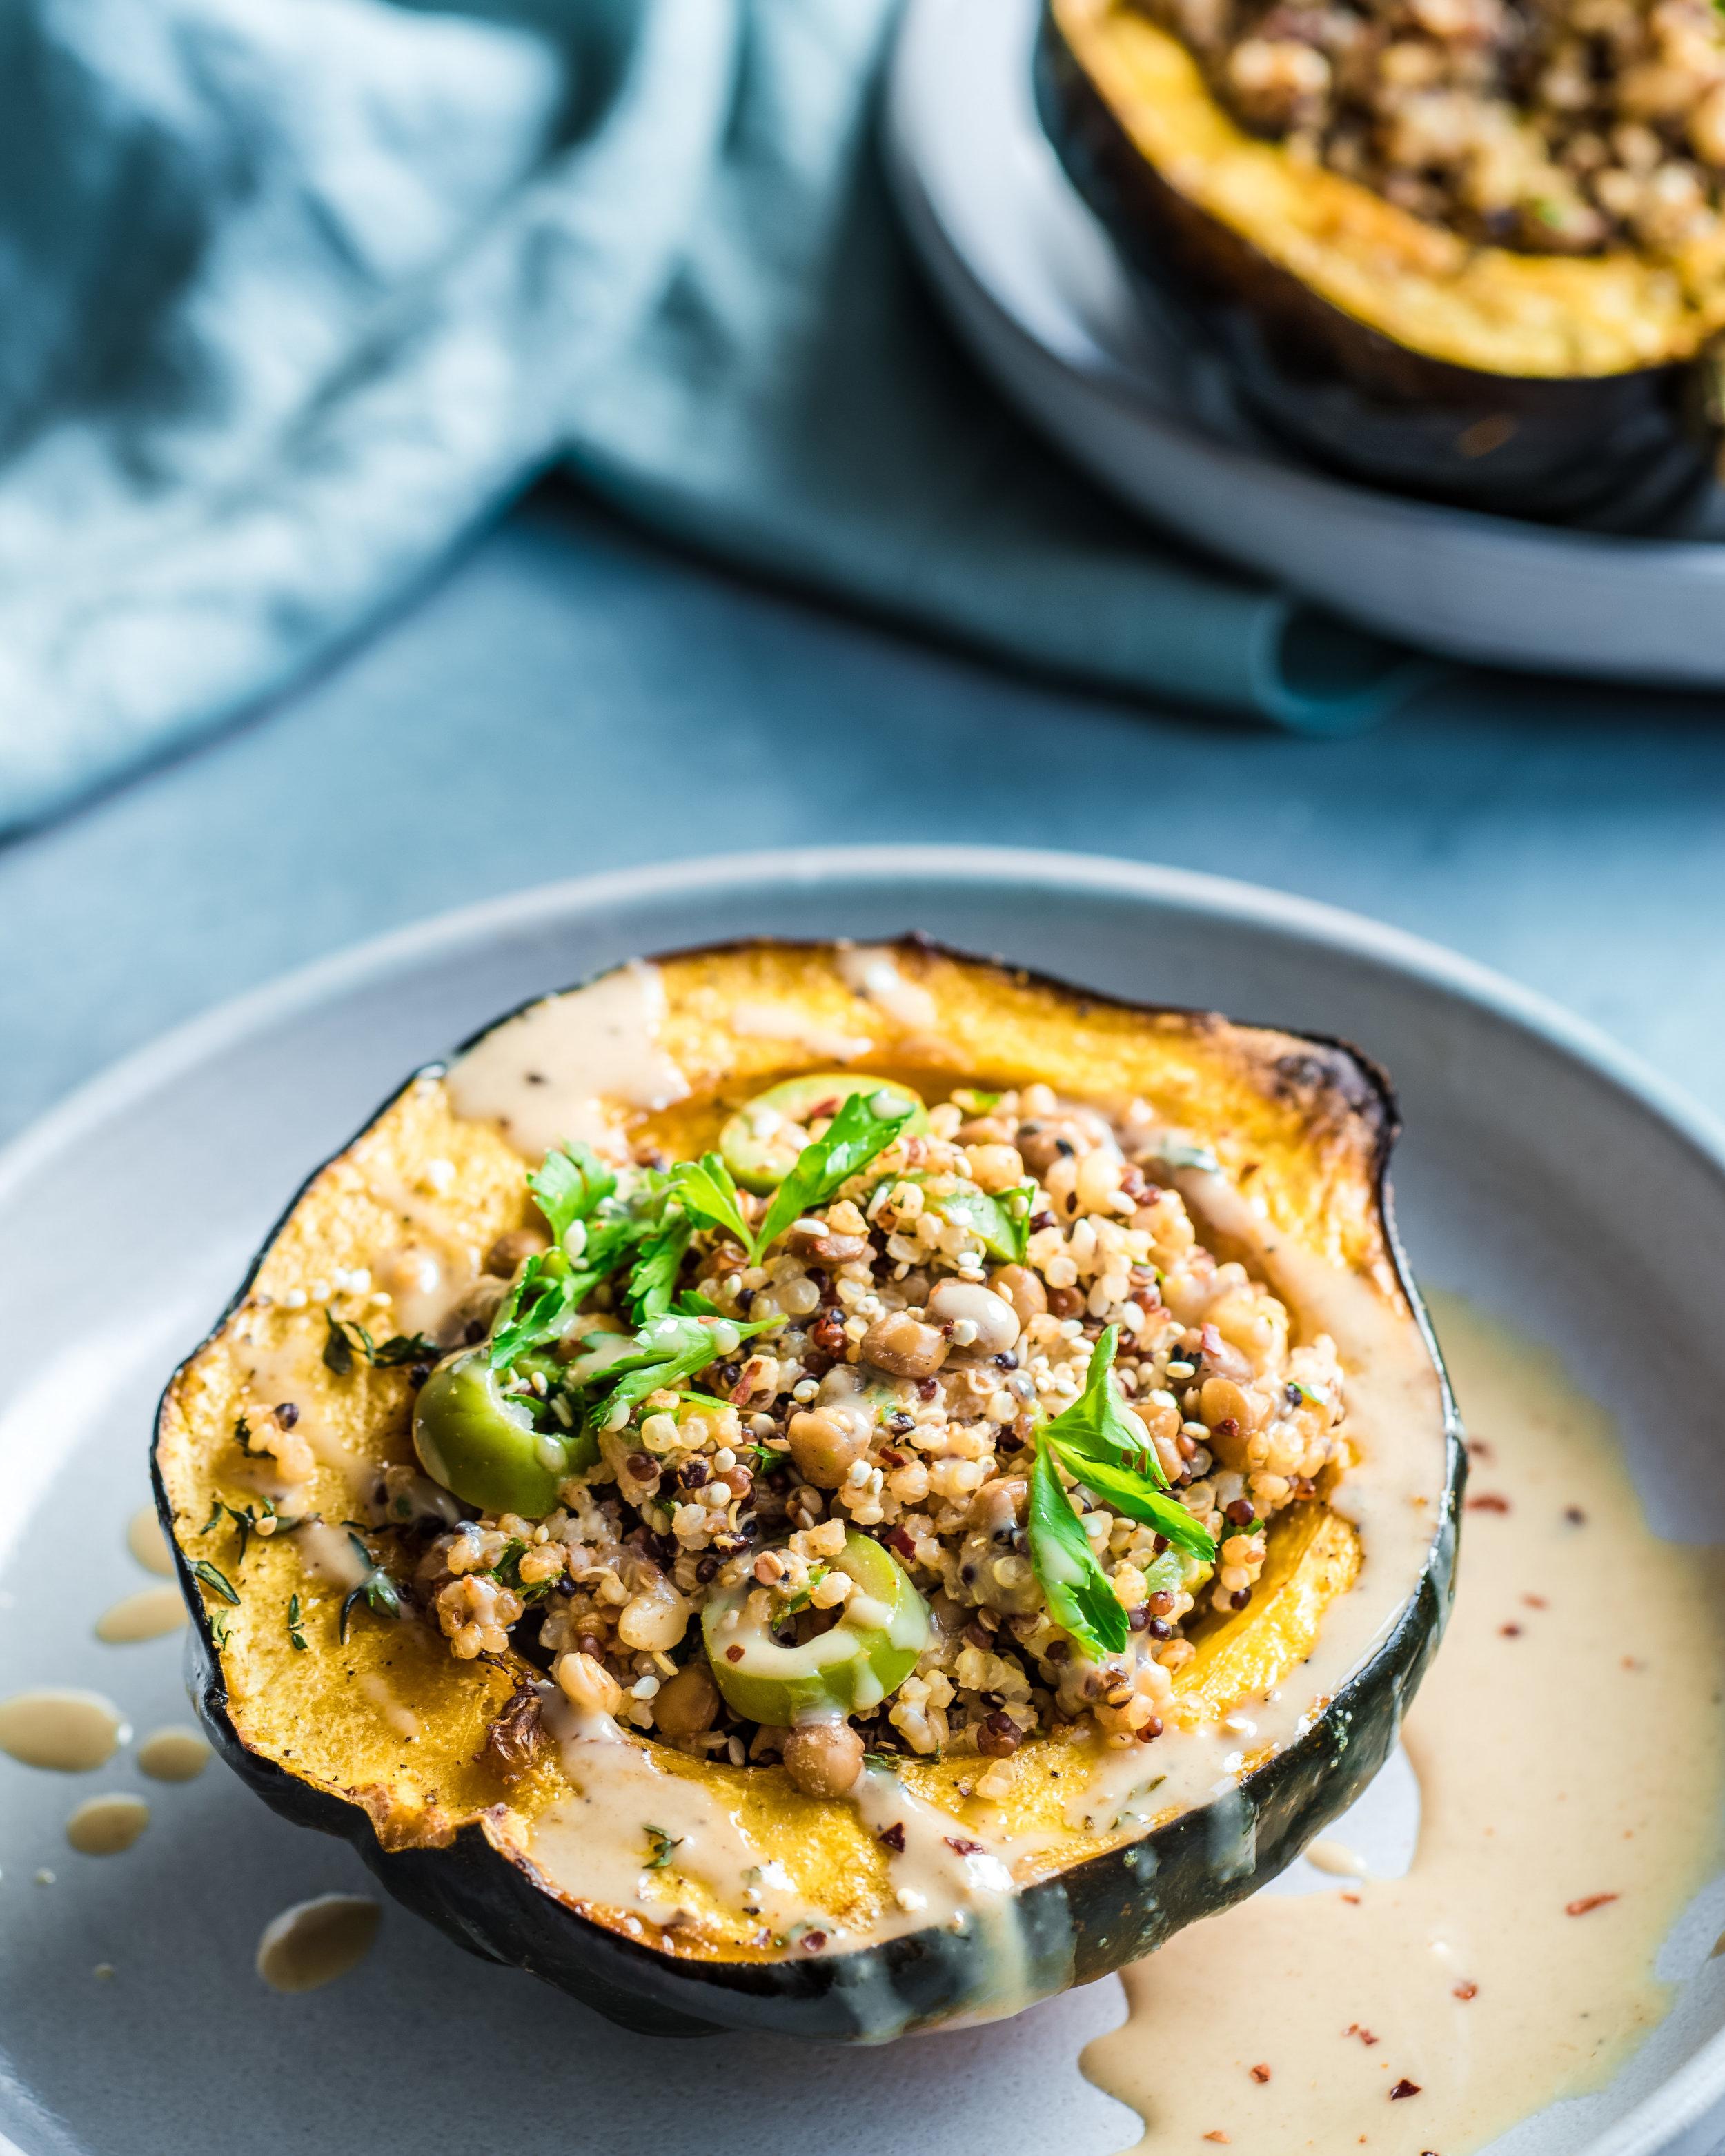 Quinoa-Stuffed Acorn Squash - V, GF